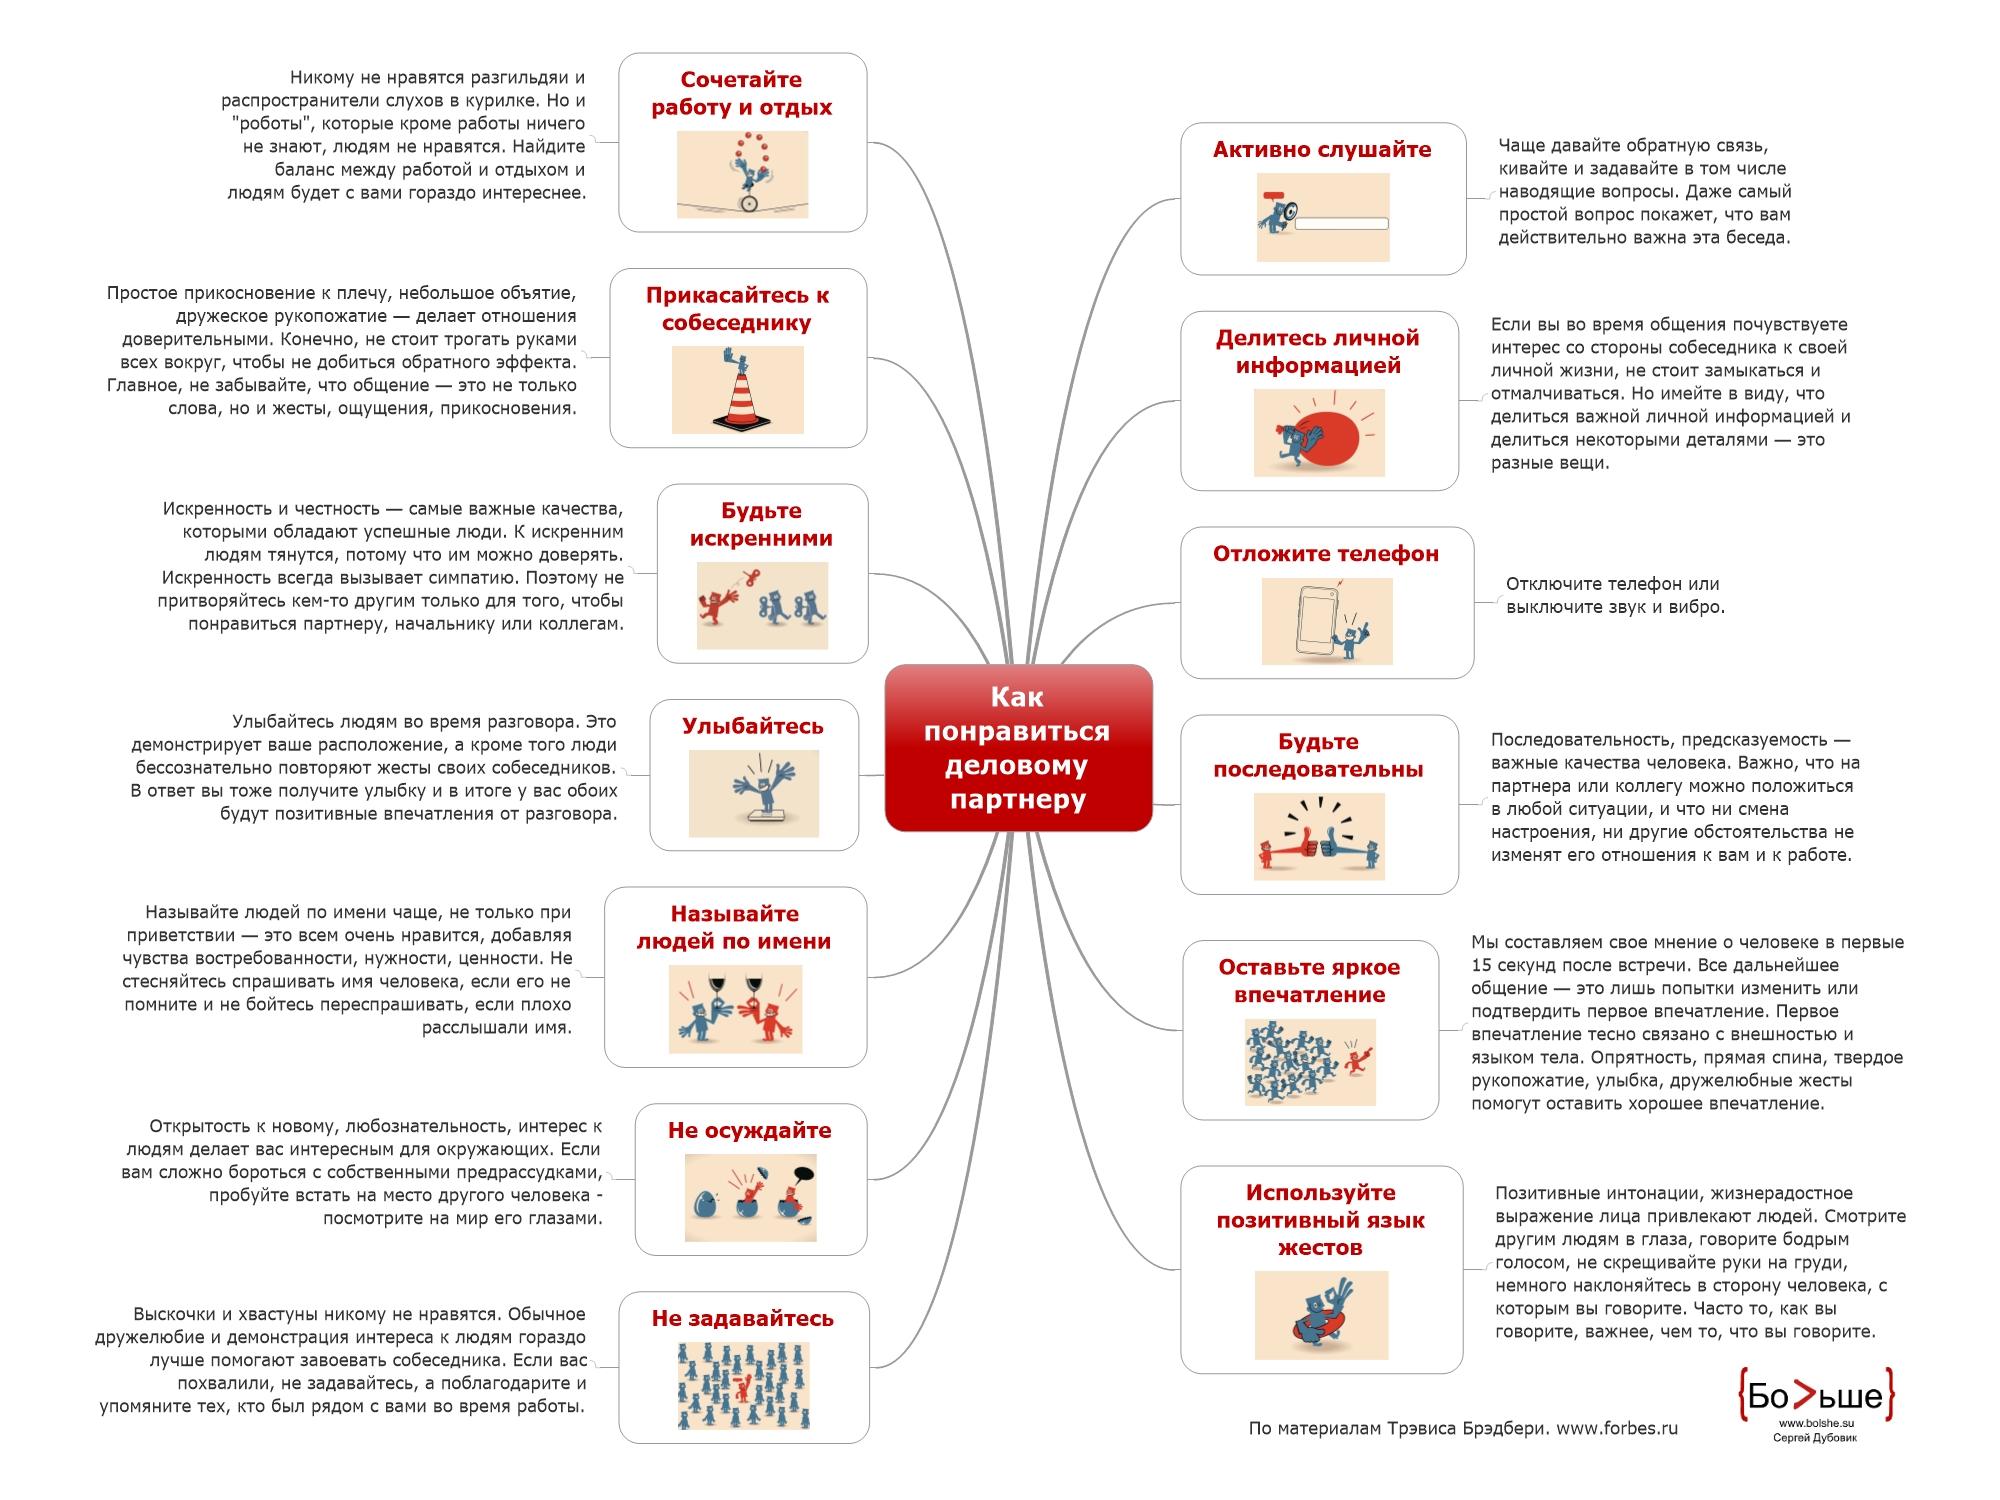 Предлагаю вашему вниманию шпаргалку — интеллект-карту, которая содержит основные рекомендации для того, чтобы произвести на делового партнёра выгодное впечатление.